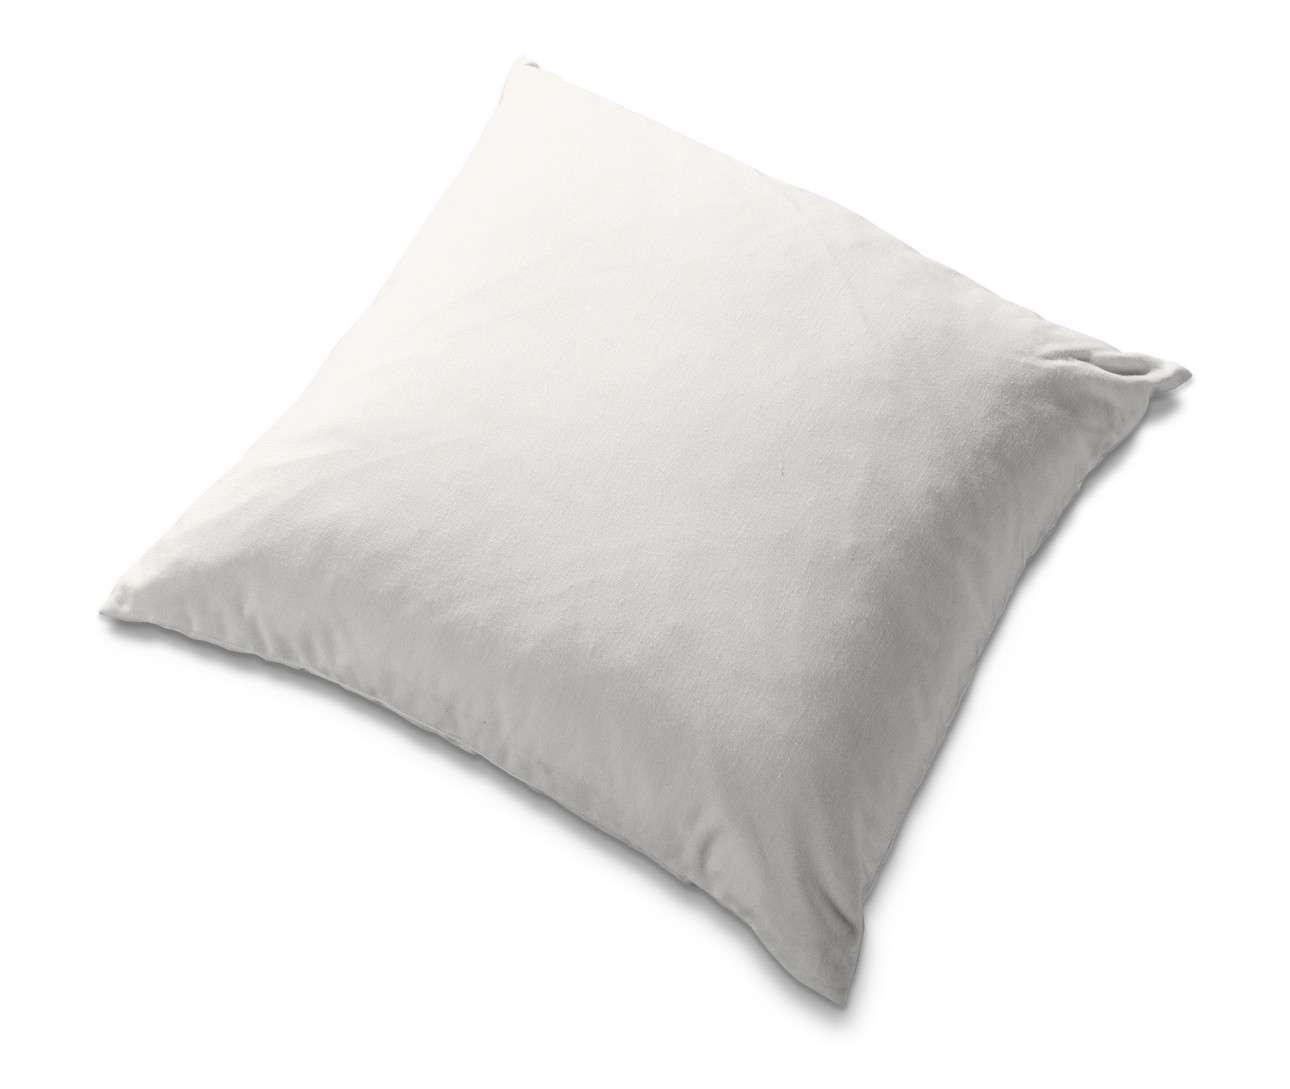 TOMELILLA pagalvėlės užvalkalas 55 x 55 cm kolekcijoje Cotton Panama, audinys: 702-34